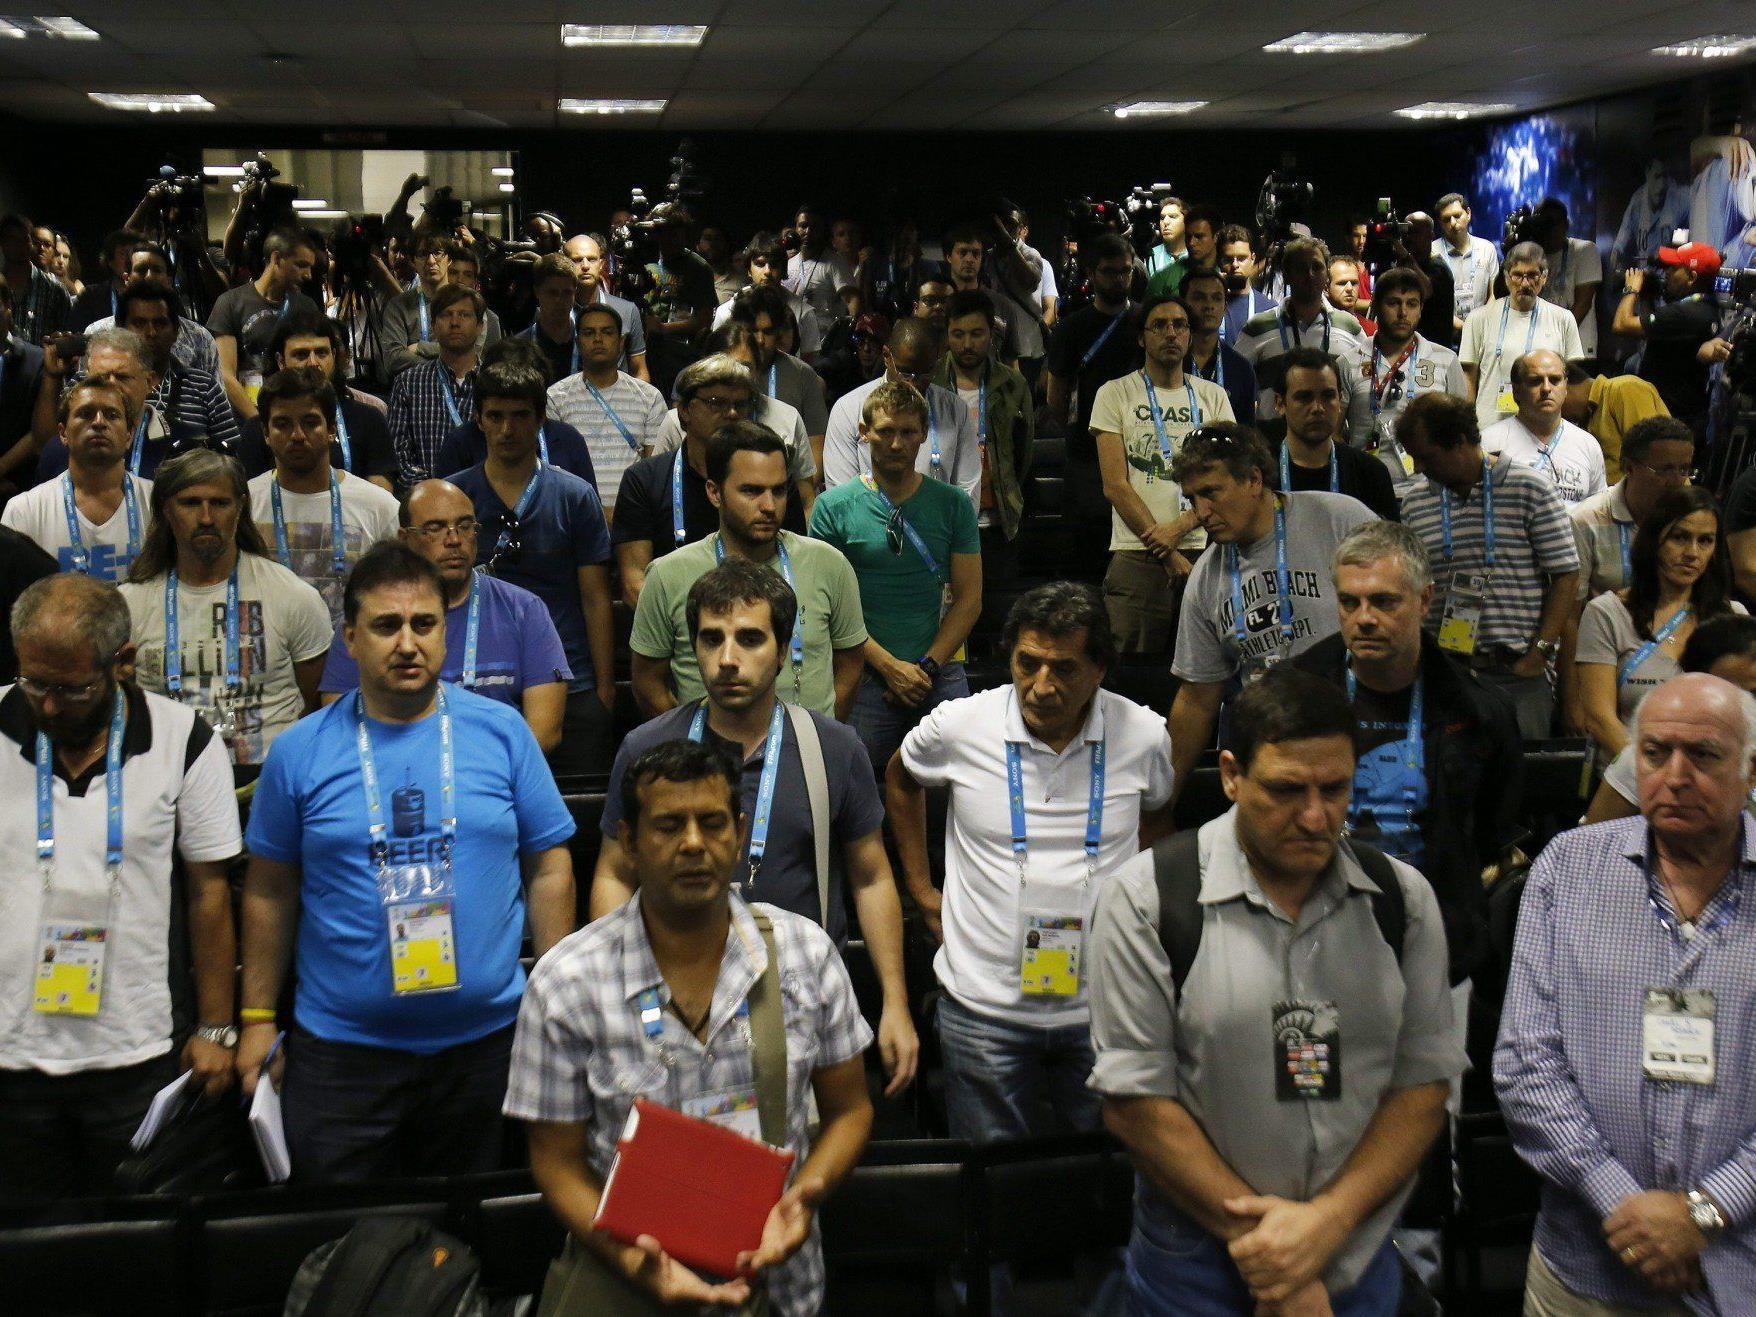 Argentinische Journalisten trauern beim Pressetermin mit der Fußball-Nationalmannschaft um ihre Kollegin.